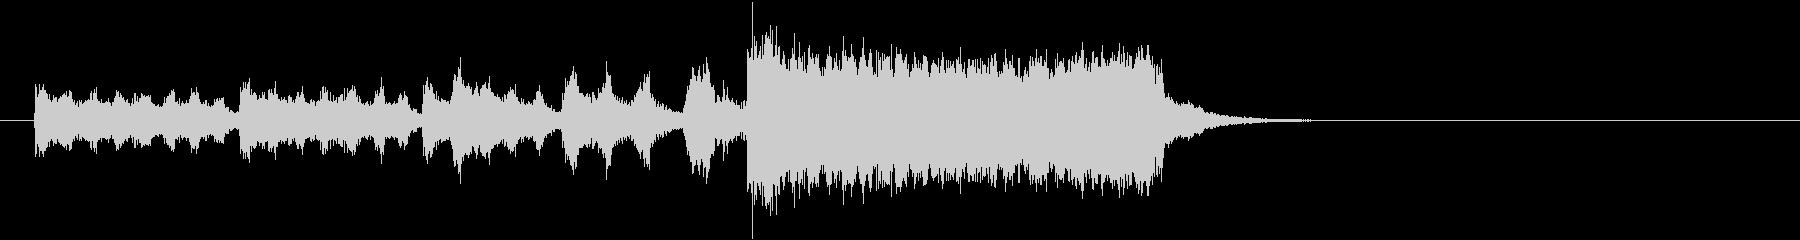 「第九」風ファンファーレの未再生の波形